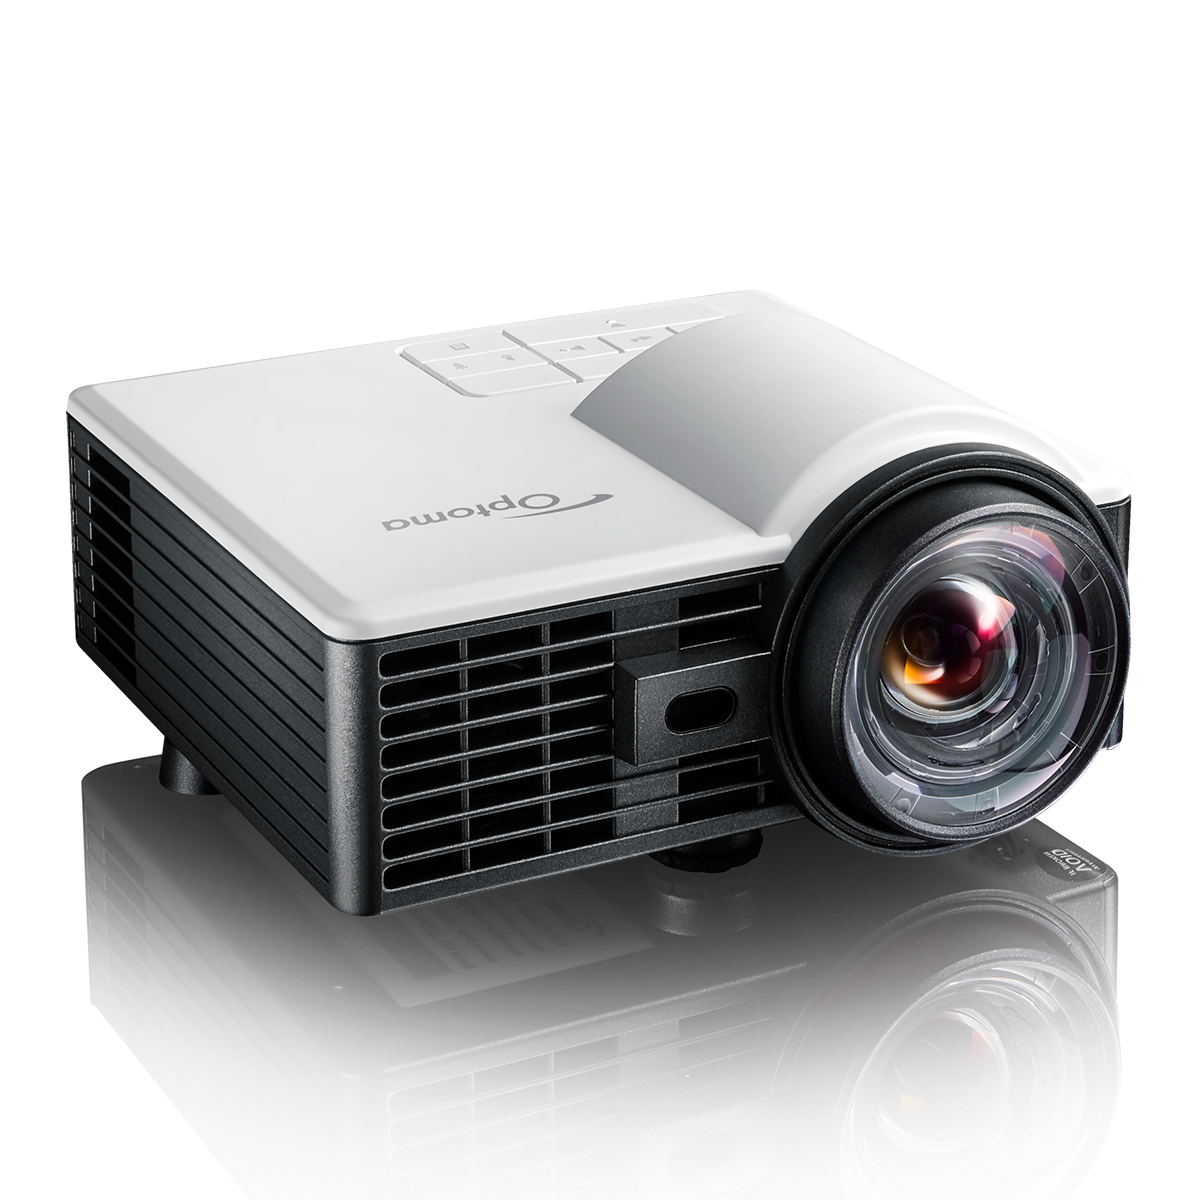 【2泊3日レンタル:9,920円〜】超小型 短焦点 LED モバイルプロジェクター Optoma オプトマ ML1050ST+S1J(120インチ伸縮スクリーン/HDMIケーブル付)